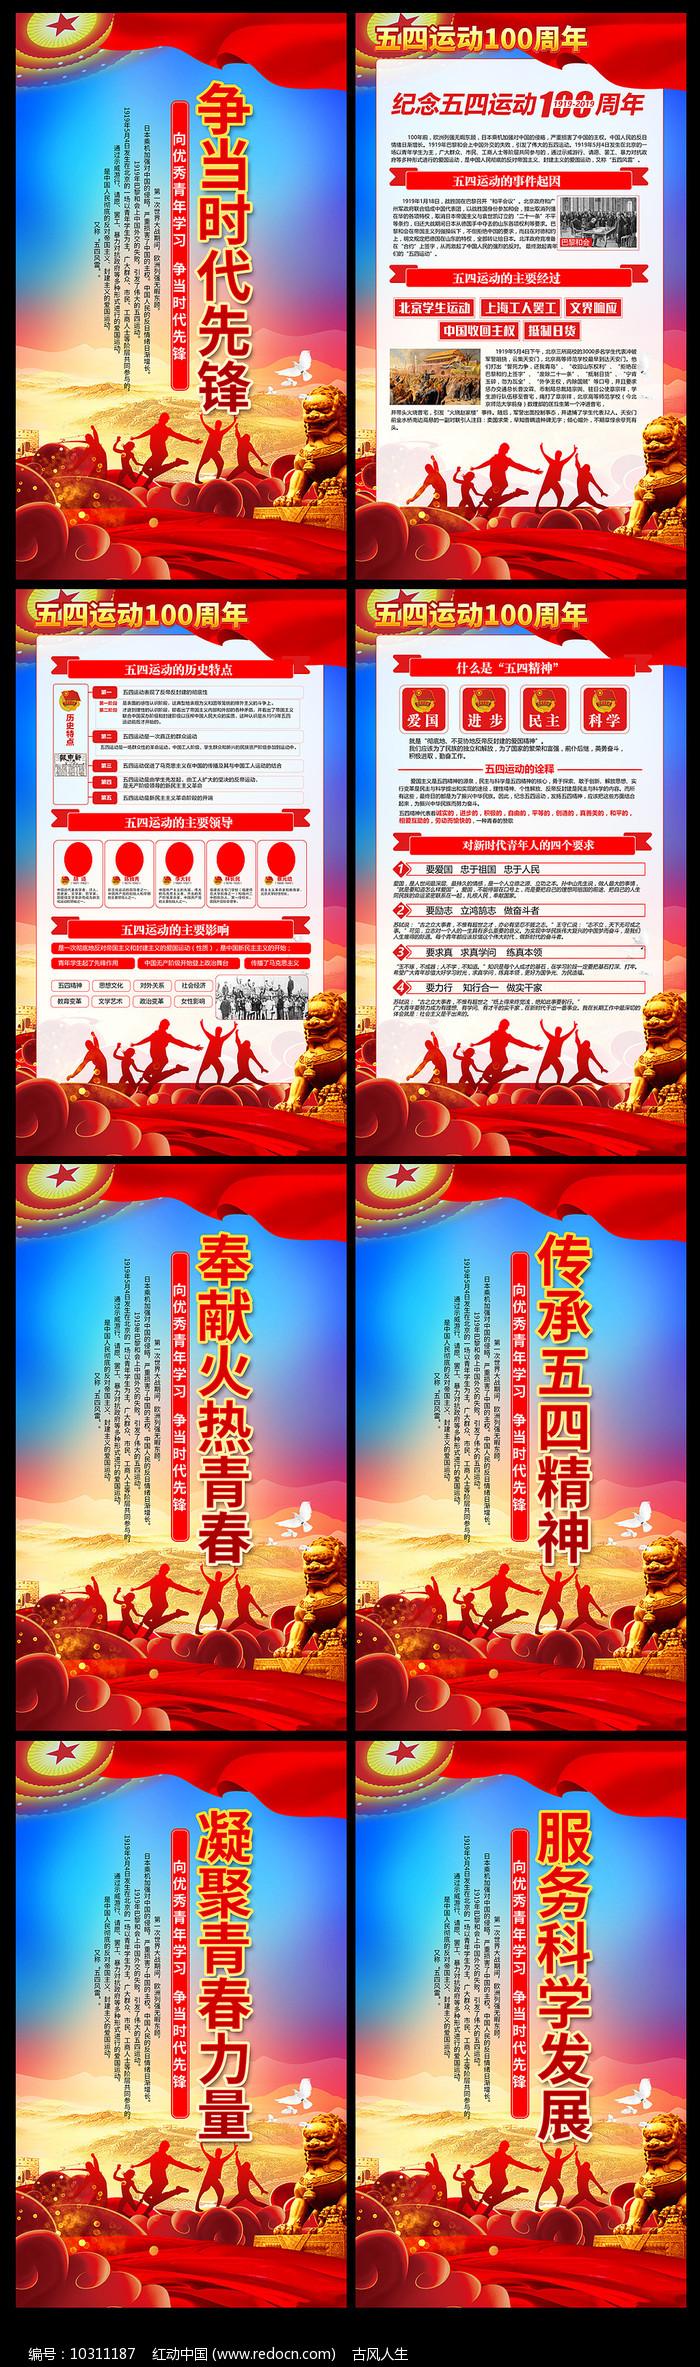 纪念五四运动100周年宣传展板图片